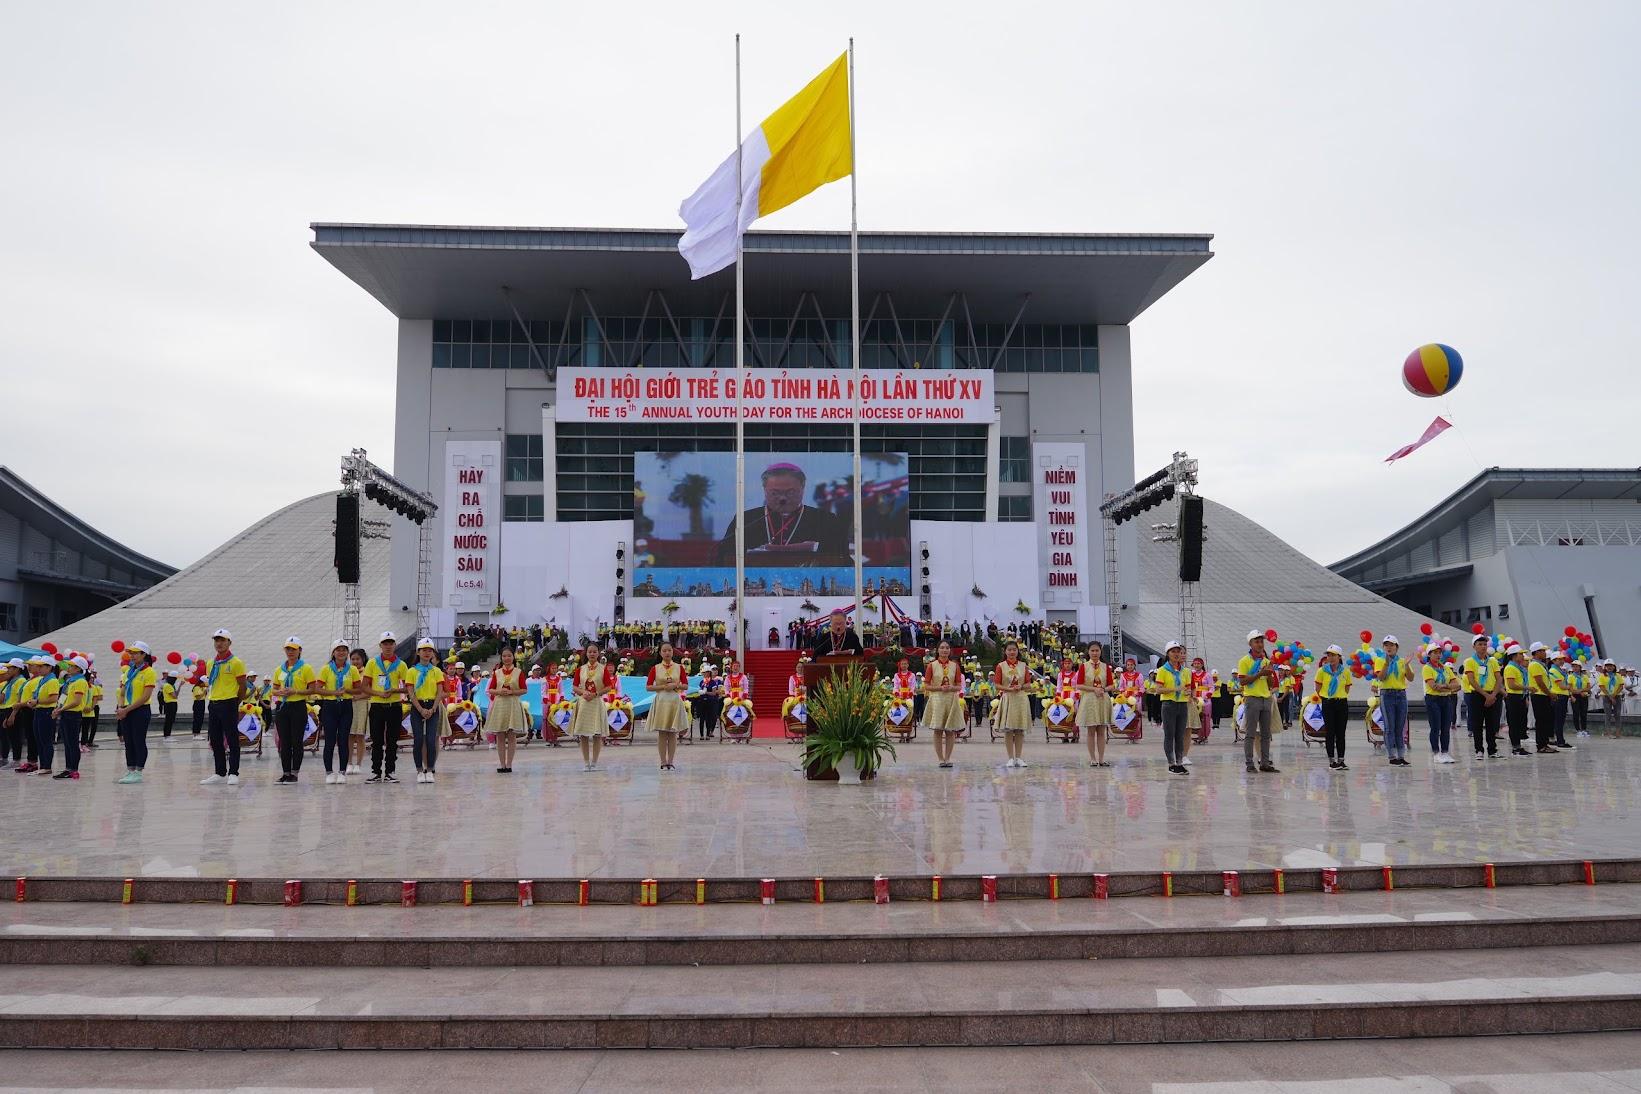 Những hình ảnh đẹp về lễ khai mạc Đại Hội Giới Trẻ giáo tỉnh Hà Nội lần thứ XV tại Thanh Hóa - Ảnh minh hoạ 44